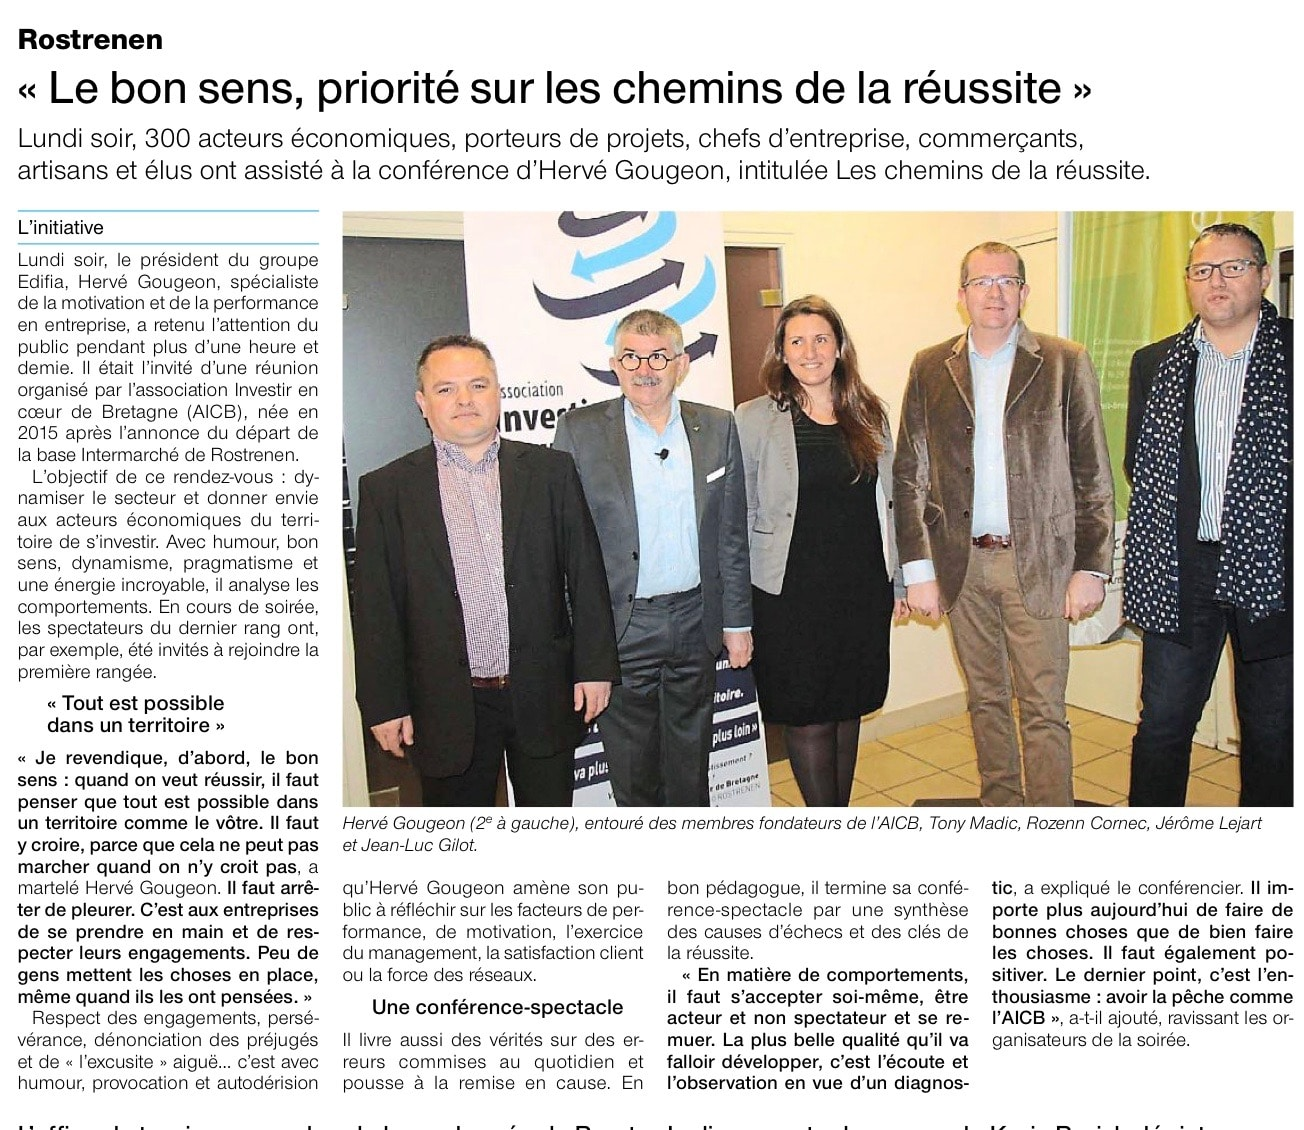 Communiqué de presse - Le bon sens, priorité sur les chemins de la réussite - Ouest France